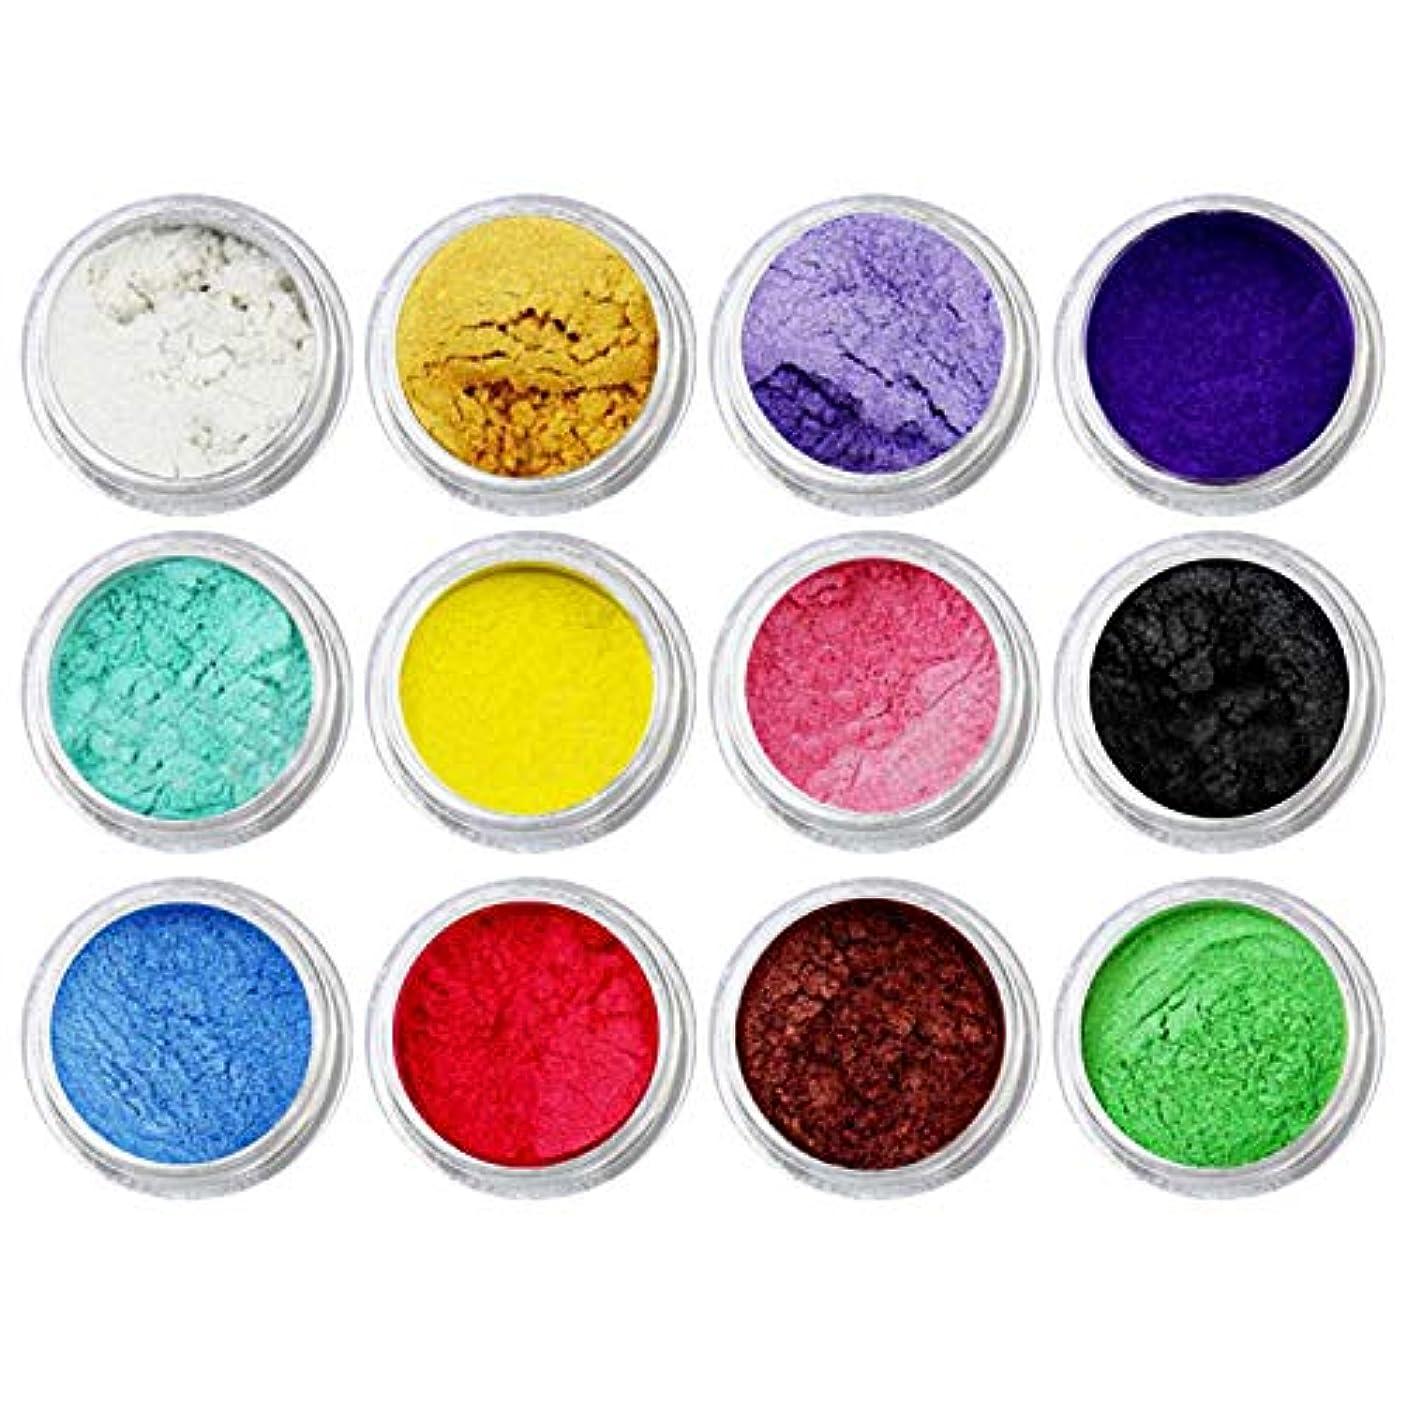 悩み病弱セーターDIYネイルアートクラフトプロジェクトスライム作り用品のための12個混合色着色顔料マイカパールパウダー